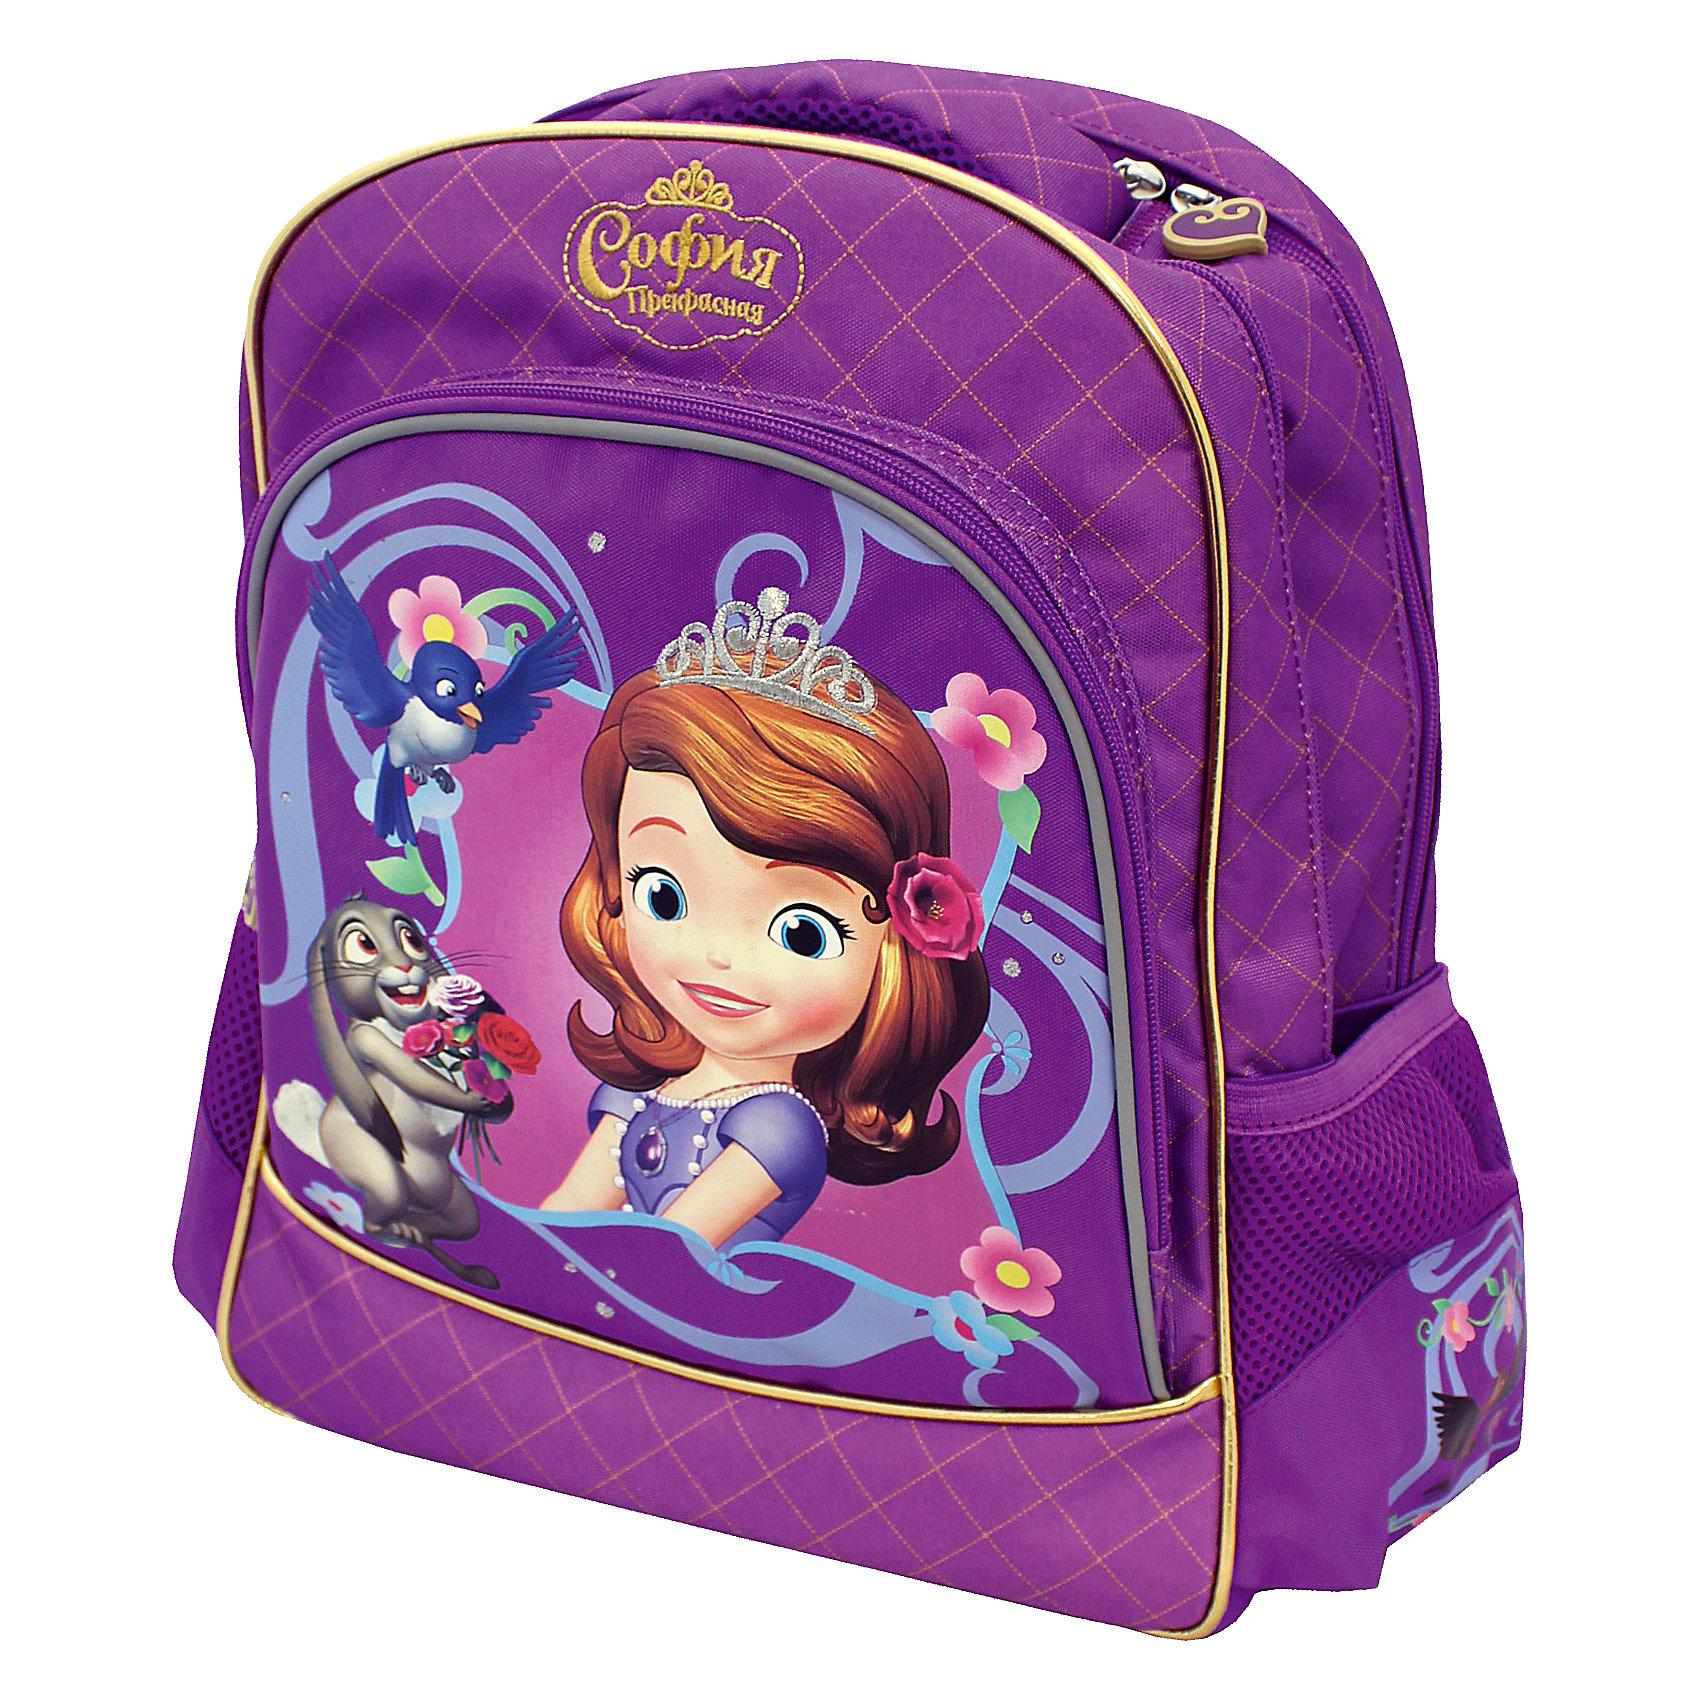 Ортопедический рюкзак София ПрекраснаяМягкий ортопедический рюкзак София Прекрасная, Disney - удобный и практичный школьный рюкзак для повседневного использования. Рюкзак выполнен из износоустойчивых материалов с водонепроницаемой основой. Маленькой школьнице непременно понравится привлекательный дизайн с красивой фиолетовой расцветкой и изображениями маленькой принцессы Софии и ее друзей-зверюшек из популярного диснеевского мультфильма София Прекрасная. Рюкзак имеет легкий вес, ортопедическая спинка из дышащего материала равномерно распределяет нагрузку на плечевые суставы и спину. Широкие мягкие лямки регулируются по длине, в зависимости от роста ребенка. Также есть удобная мягкая ручка для переноски в руке. <br><br>Рюкзак закрывается на застежку-молнию, внутри два больших отделения с отсеками для книг и тетрадей и задняя плюшевая стенка, которая предохраняет размещенный в рюкзаке гаджет от царапин. Также имеются два сетчатых кармана по бокам и большой накладной карман на молнии на лицевой стороне. Светоотражающие элементы на лямках и лицевом кармане повышают безопасность ребенка в темноте. <br><br>Дополнительная информация:<br><br>- Материал: полиэстер.  <br>- Размер: 38 х 28 х 13 см.<br>- Вес: 0,99 кг.<br><br>Мягкий ортопедический рюкзак София Прекрасная, Disney, можно купить в нашем интернет-магазине.<br><br>Ширина мм: 300<br>Глубина мм: 60<br>Высота мм: 370<br>Вес г: 990<br>Возраст от месяцев: 36<br>Возраст до месяцев: 108<br>Пол: Женский<br>Возраст: Детский<br>SKU: 4062800